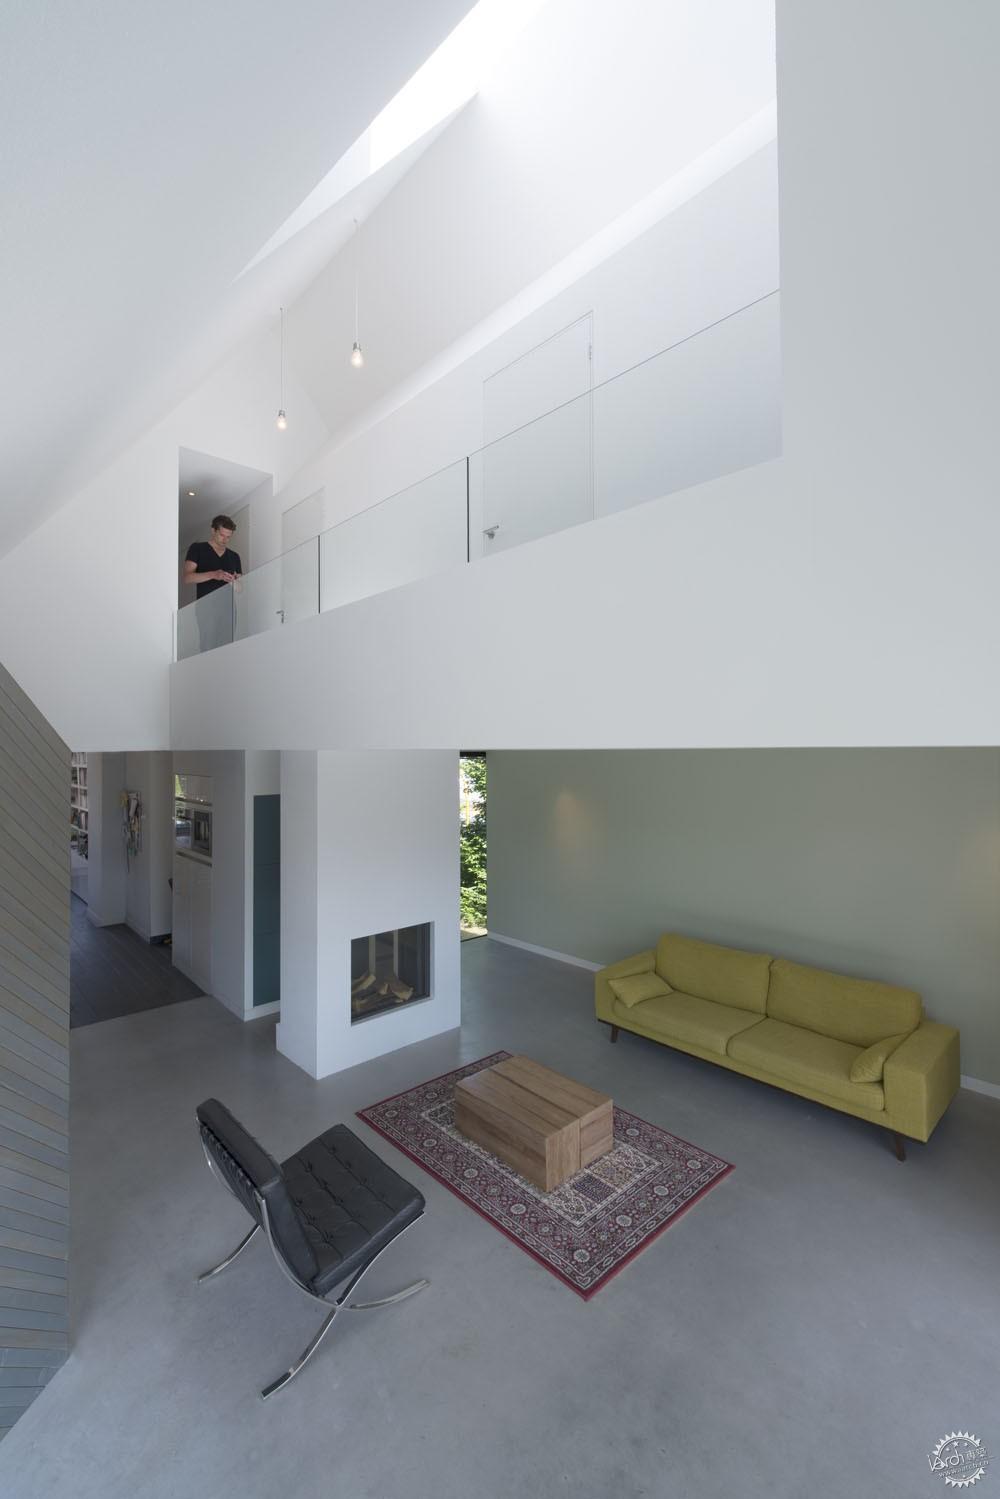 烟囱部分是房顶设计的点睛之笔,它被重新设计,将采光天窗和采光井的